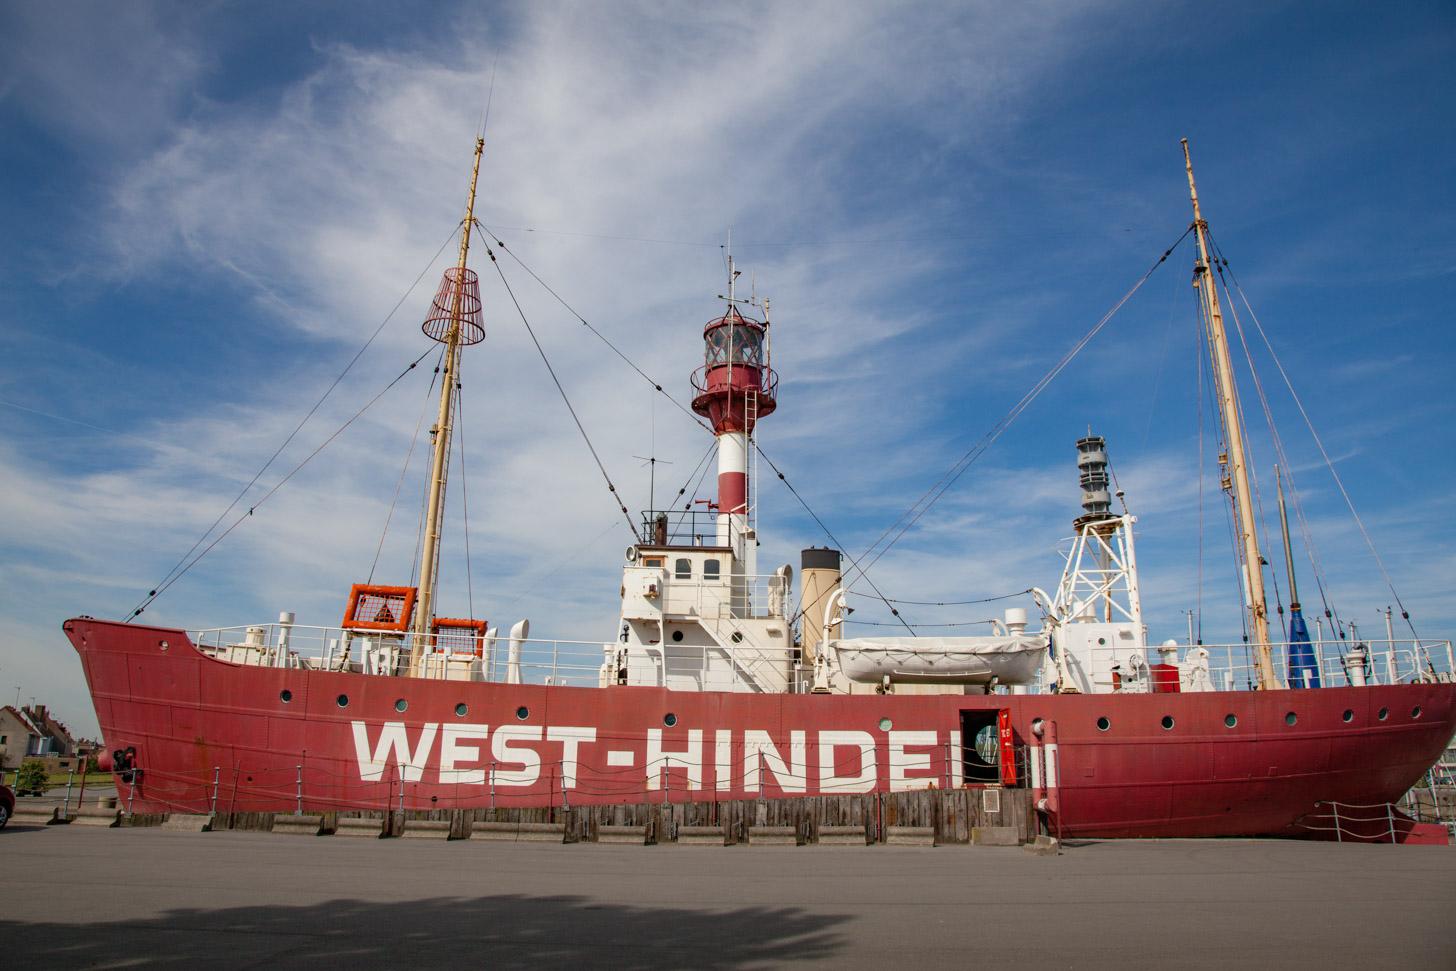 de Westhinder in Zeebrugge